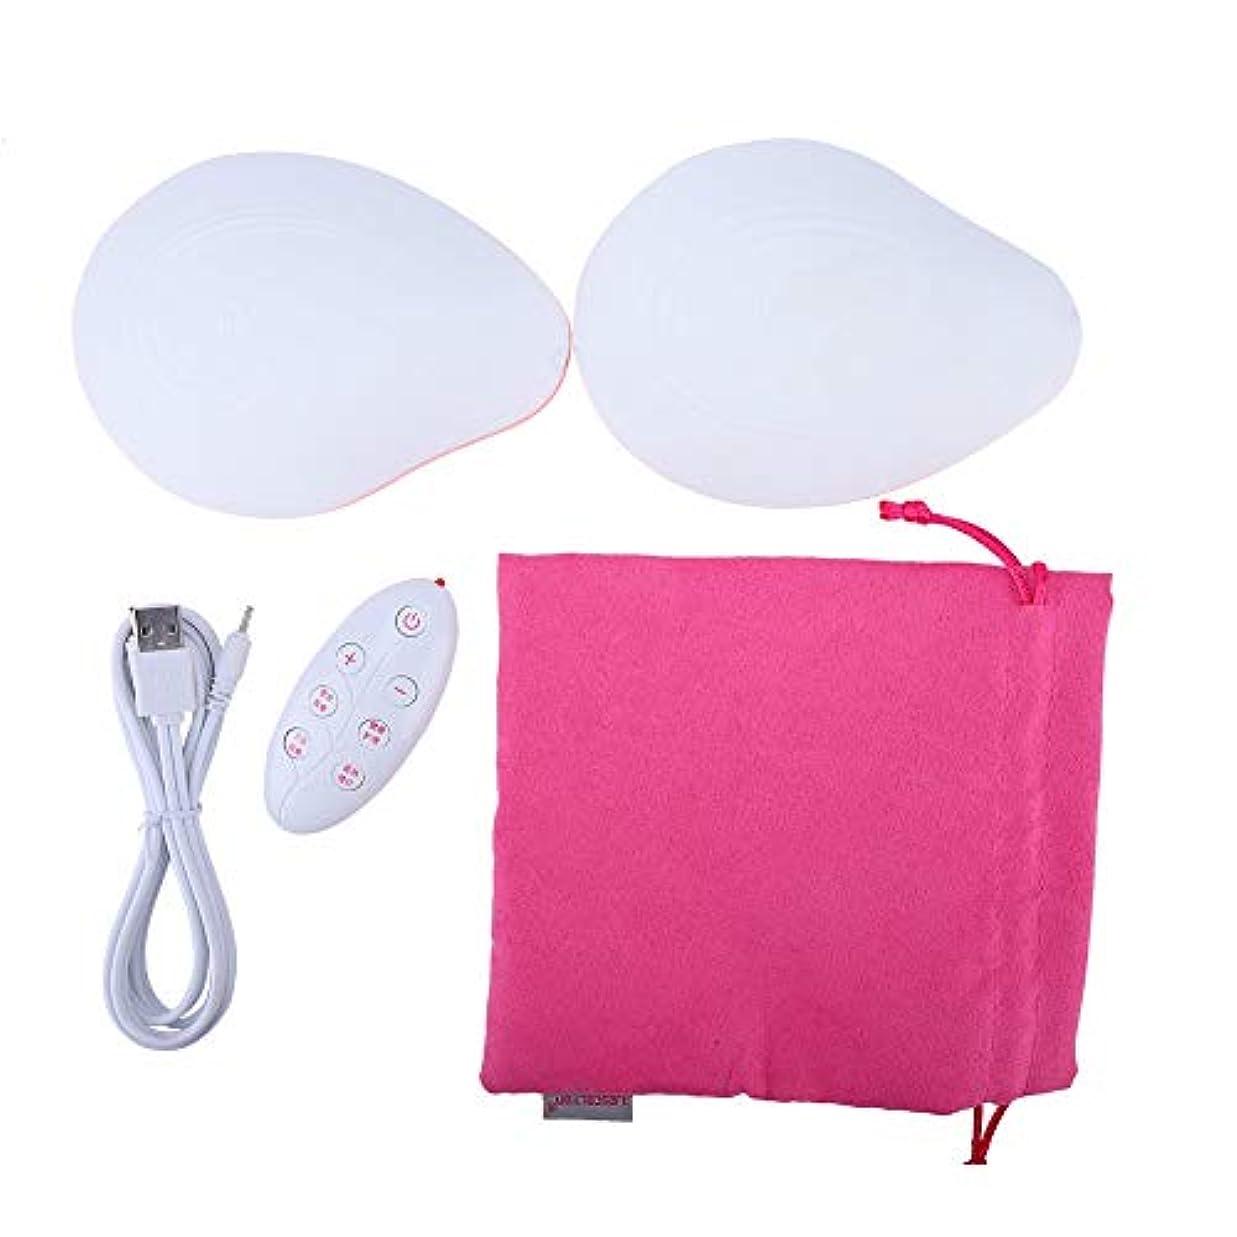 パイプライン拍手する状胸の拡大のマッサージャー、胸の拡大のためのUSBの電気振動のバストの上昇の増強物機械(#1)